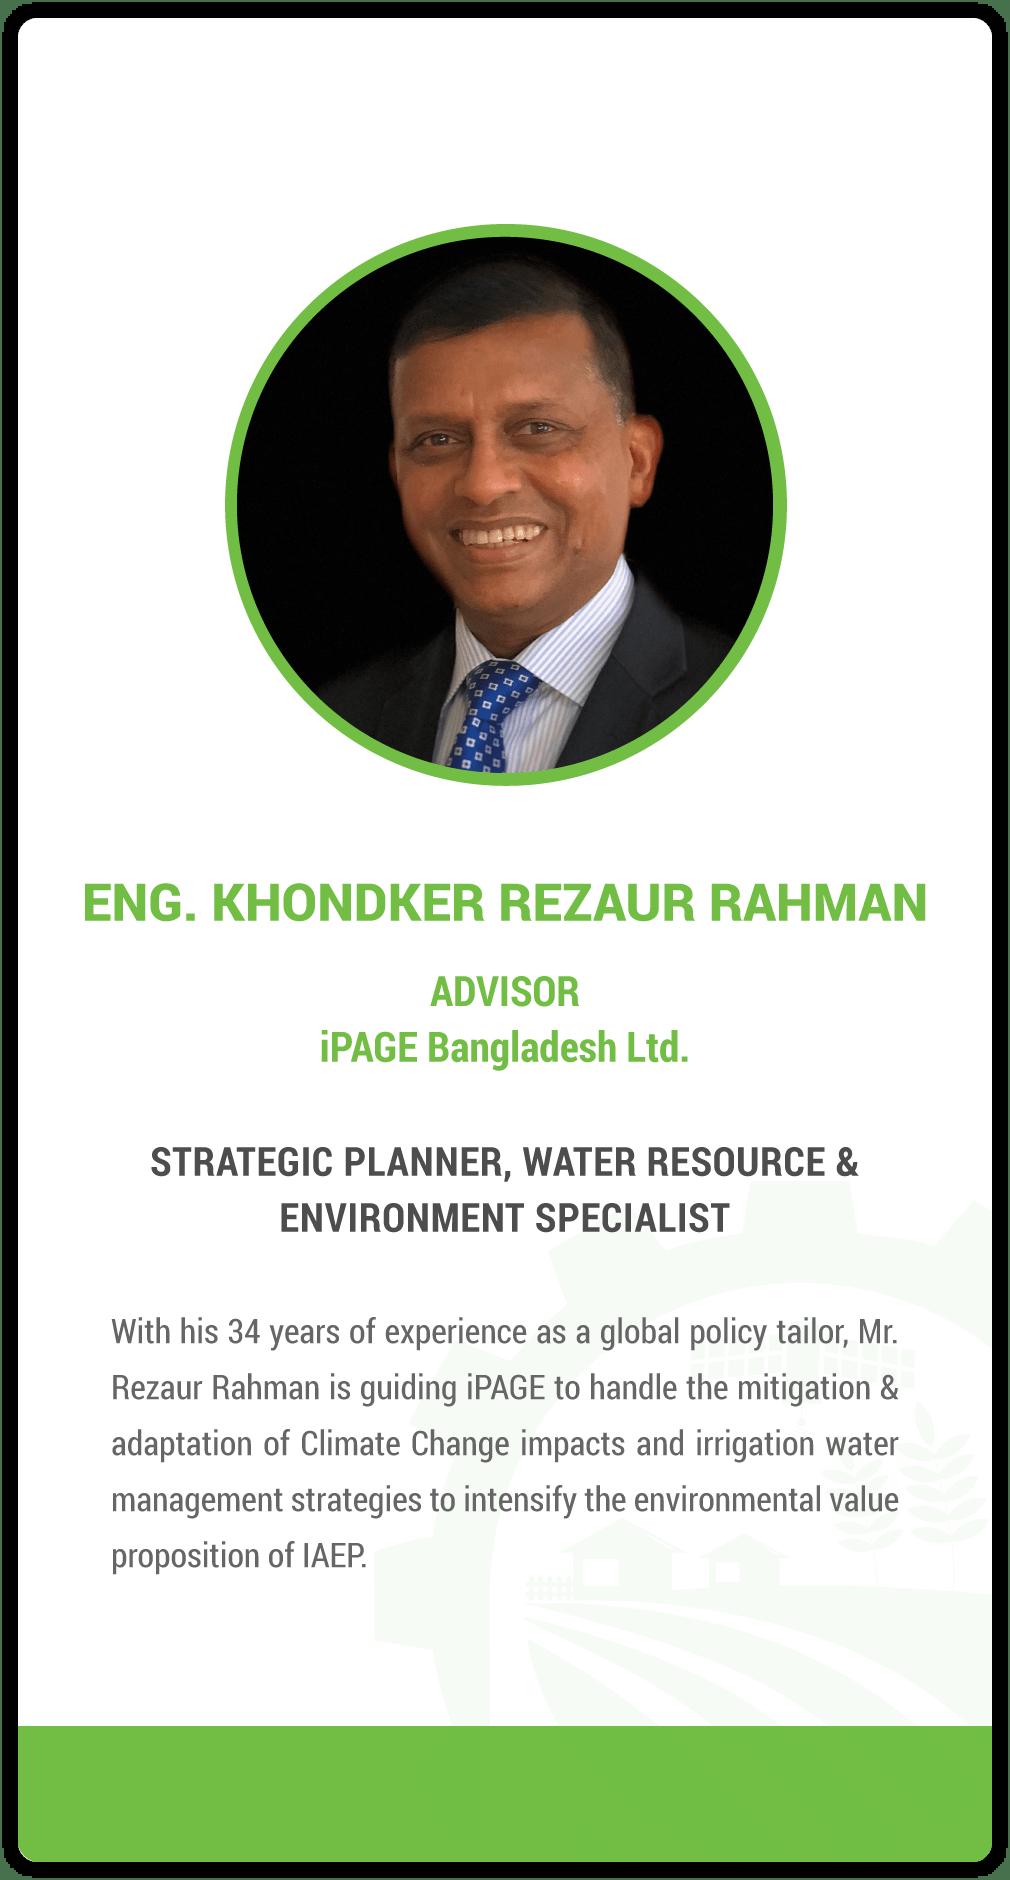 Khondkar Rezaur Rahman